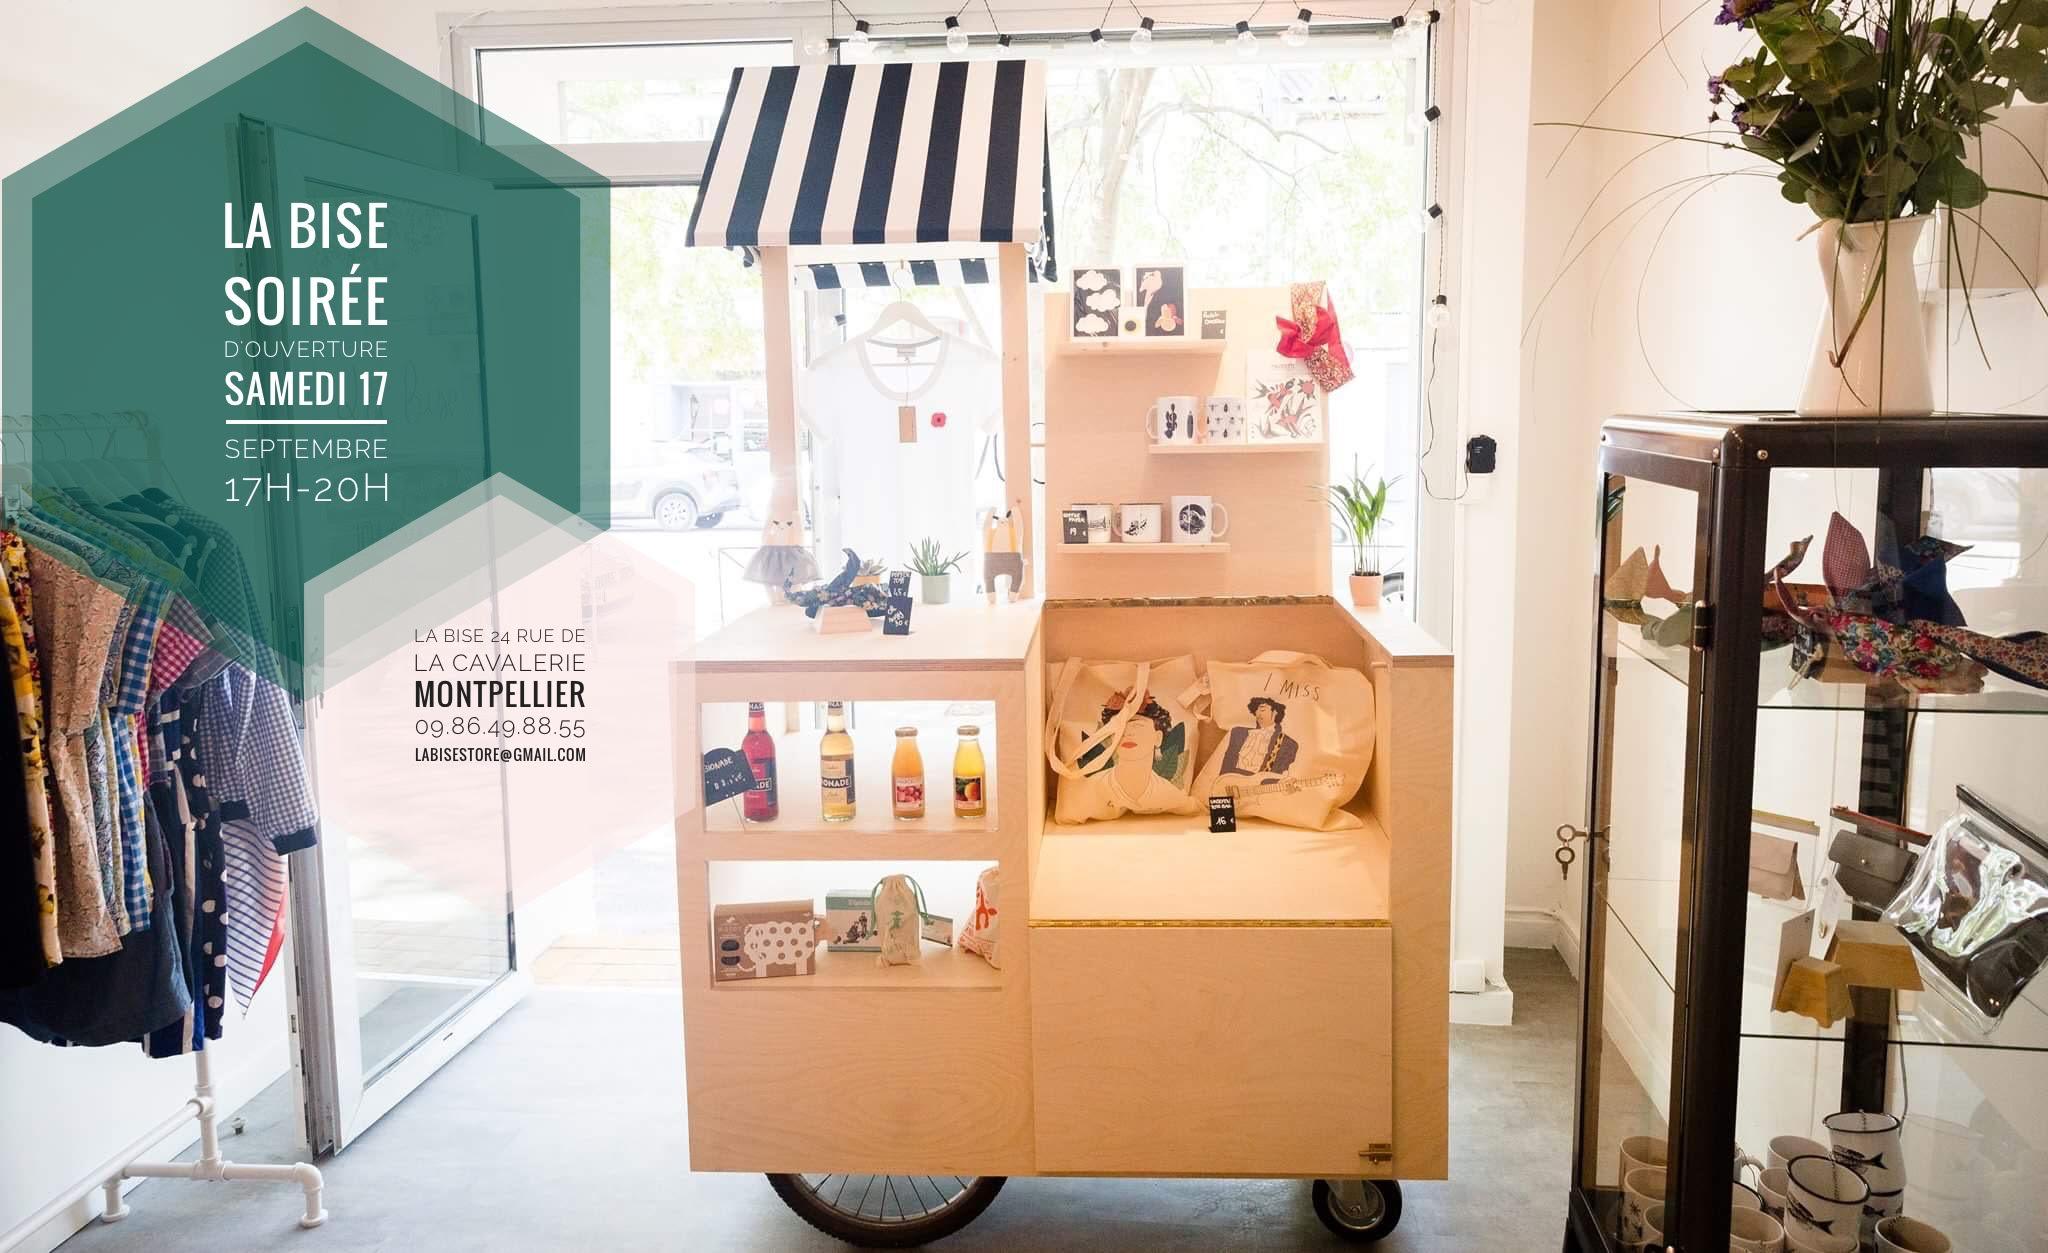 LA BISE concept store Montpellier